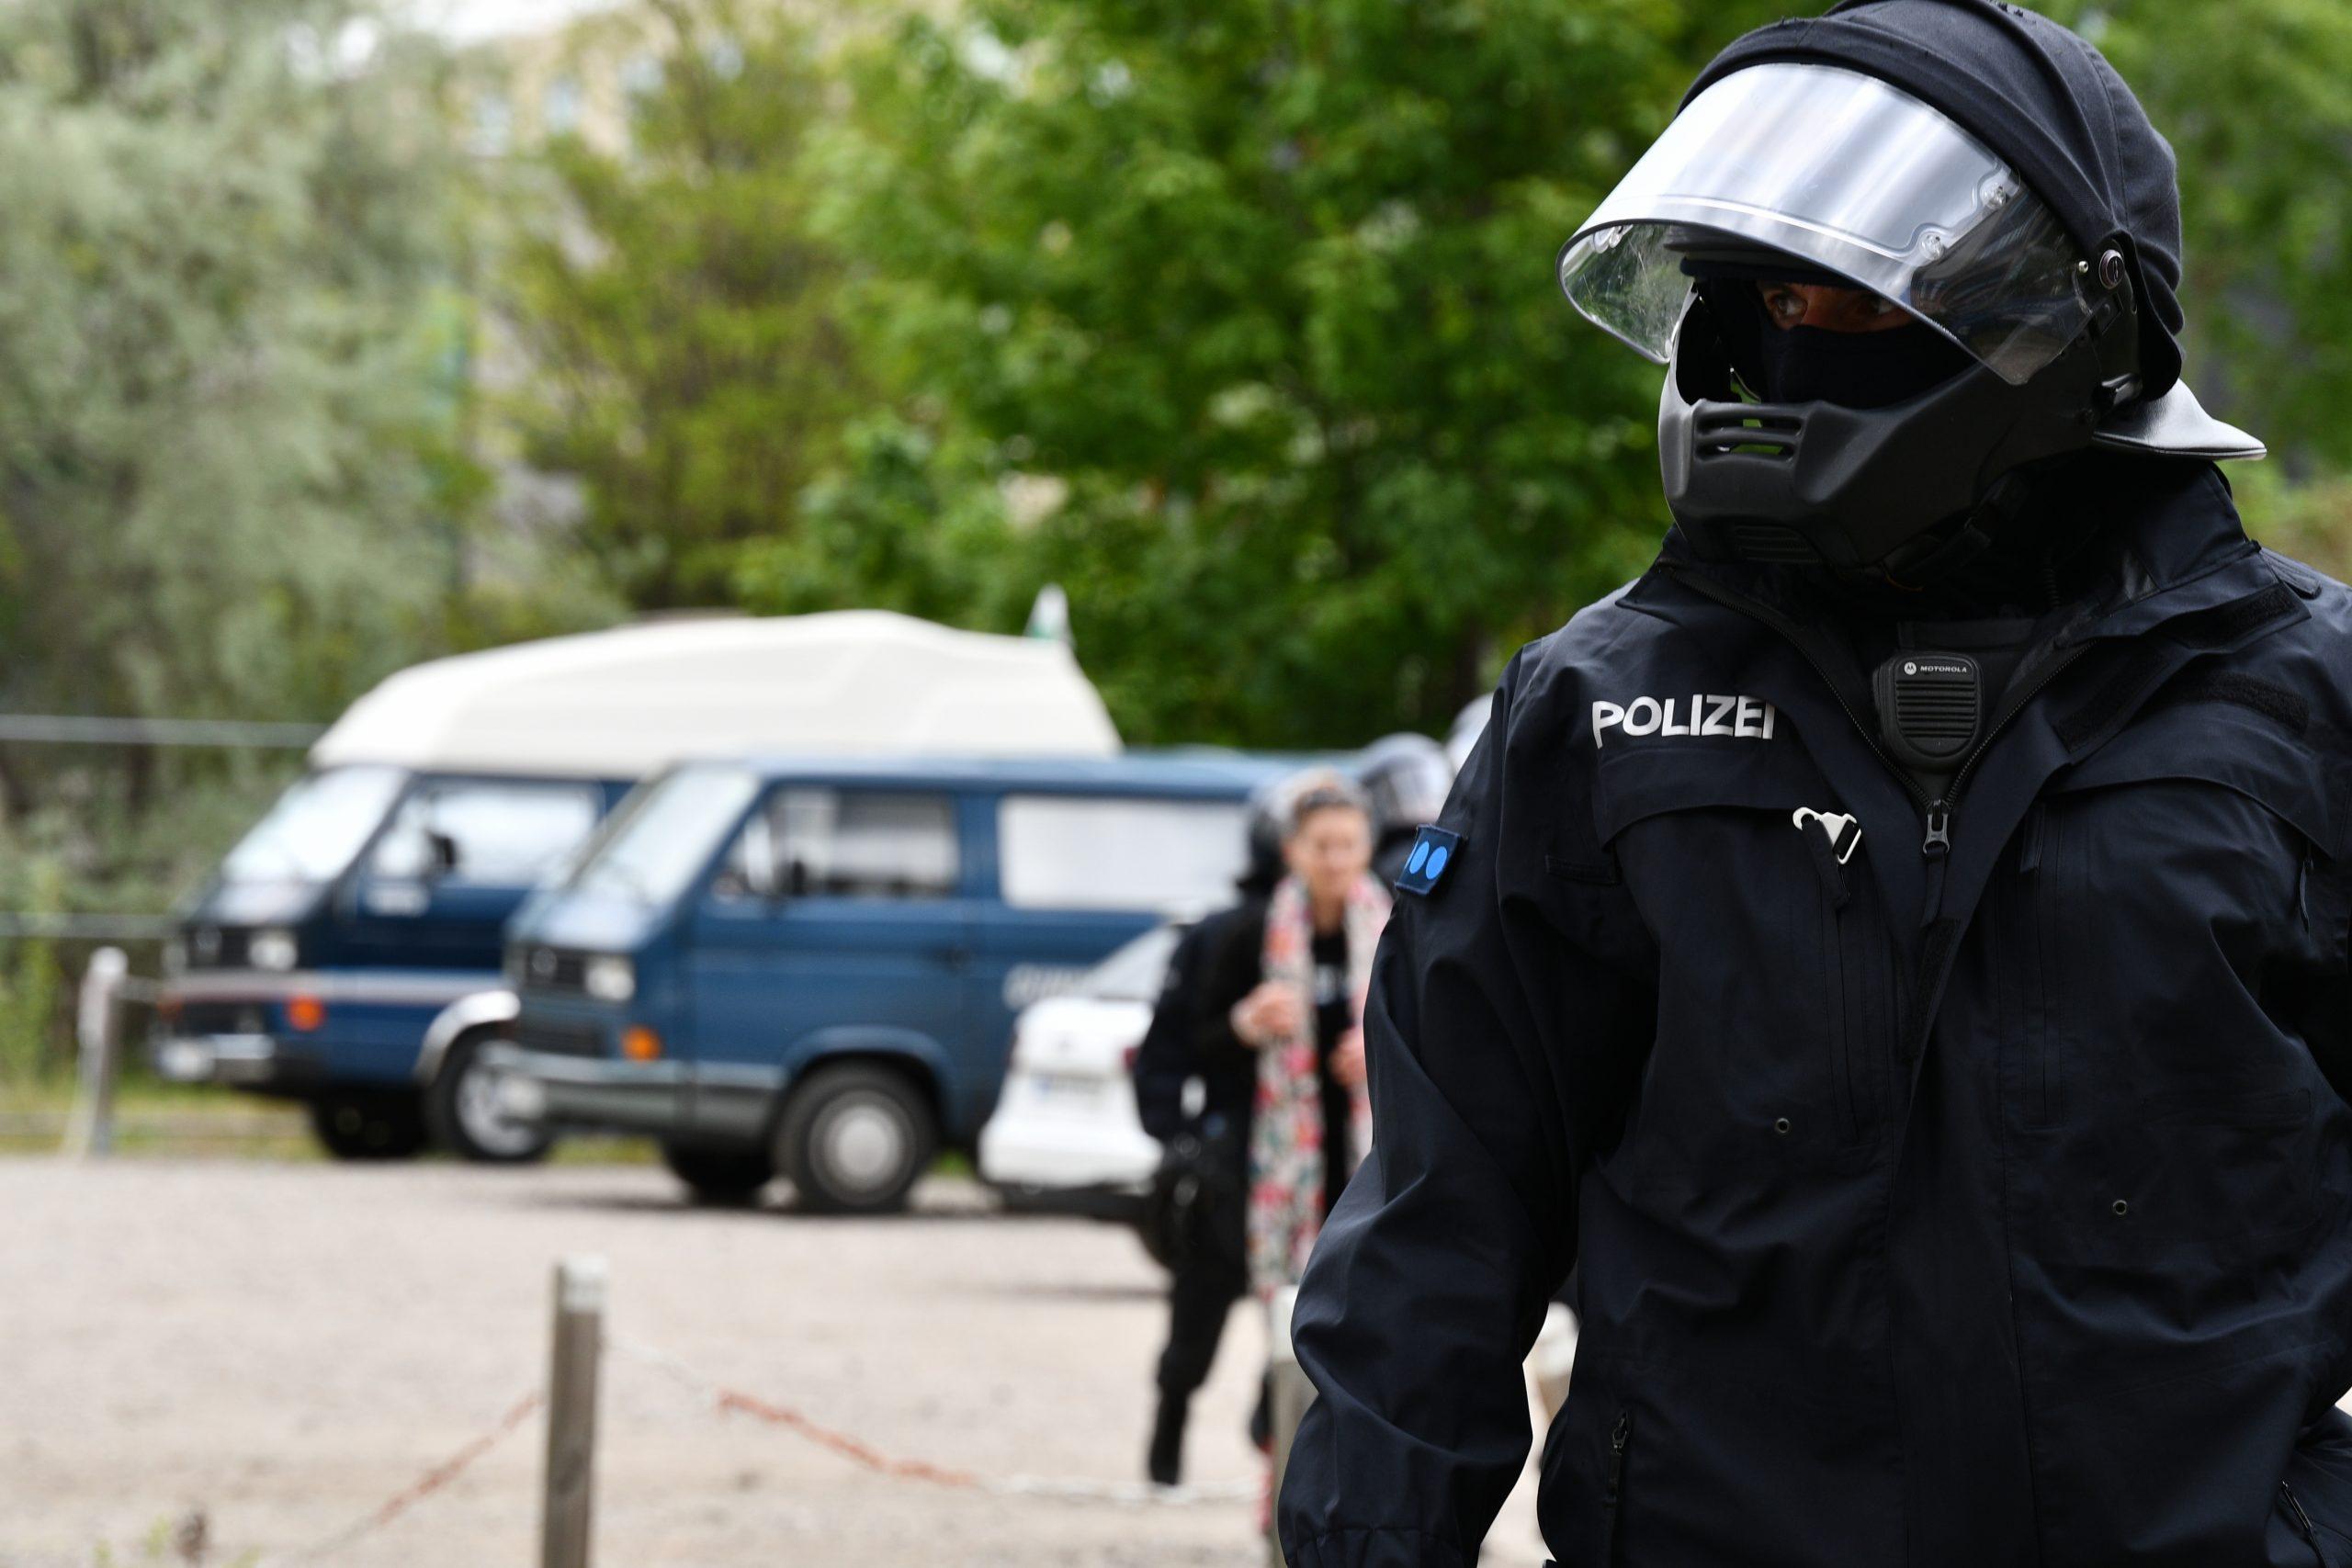 Oberkörper und Kopf eines Cops mit Helm und Einsatzanzug in dunkelblau. Am Helm ist ein Kinnschutz montiert.